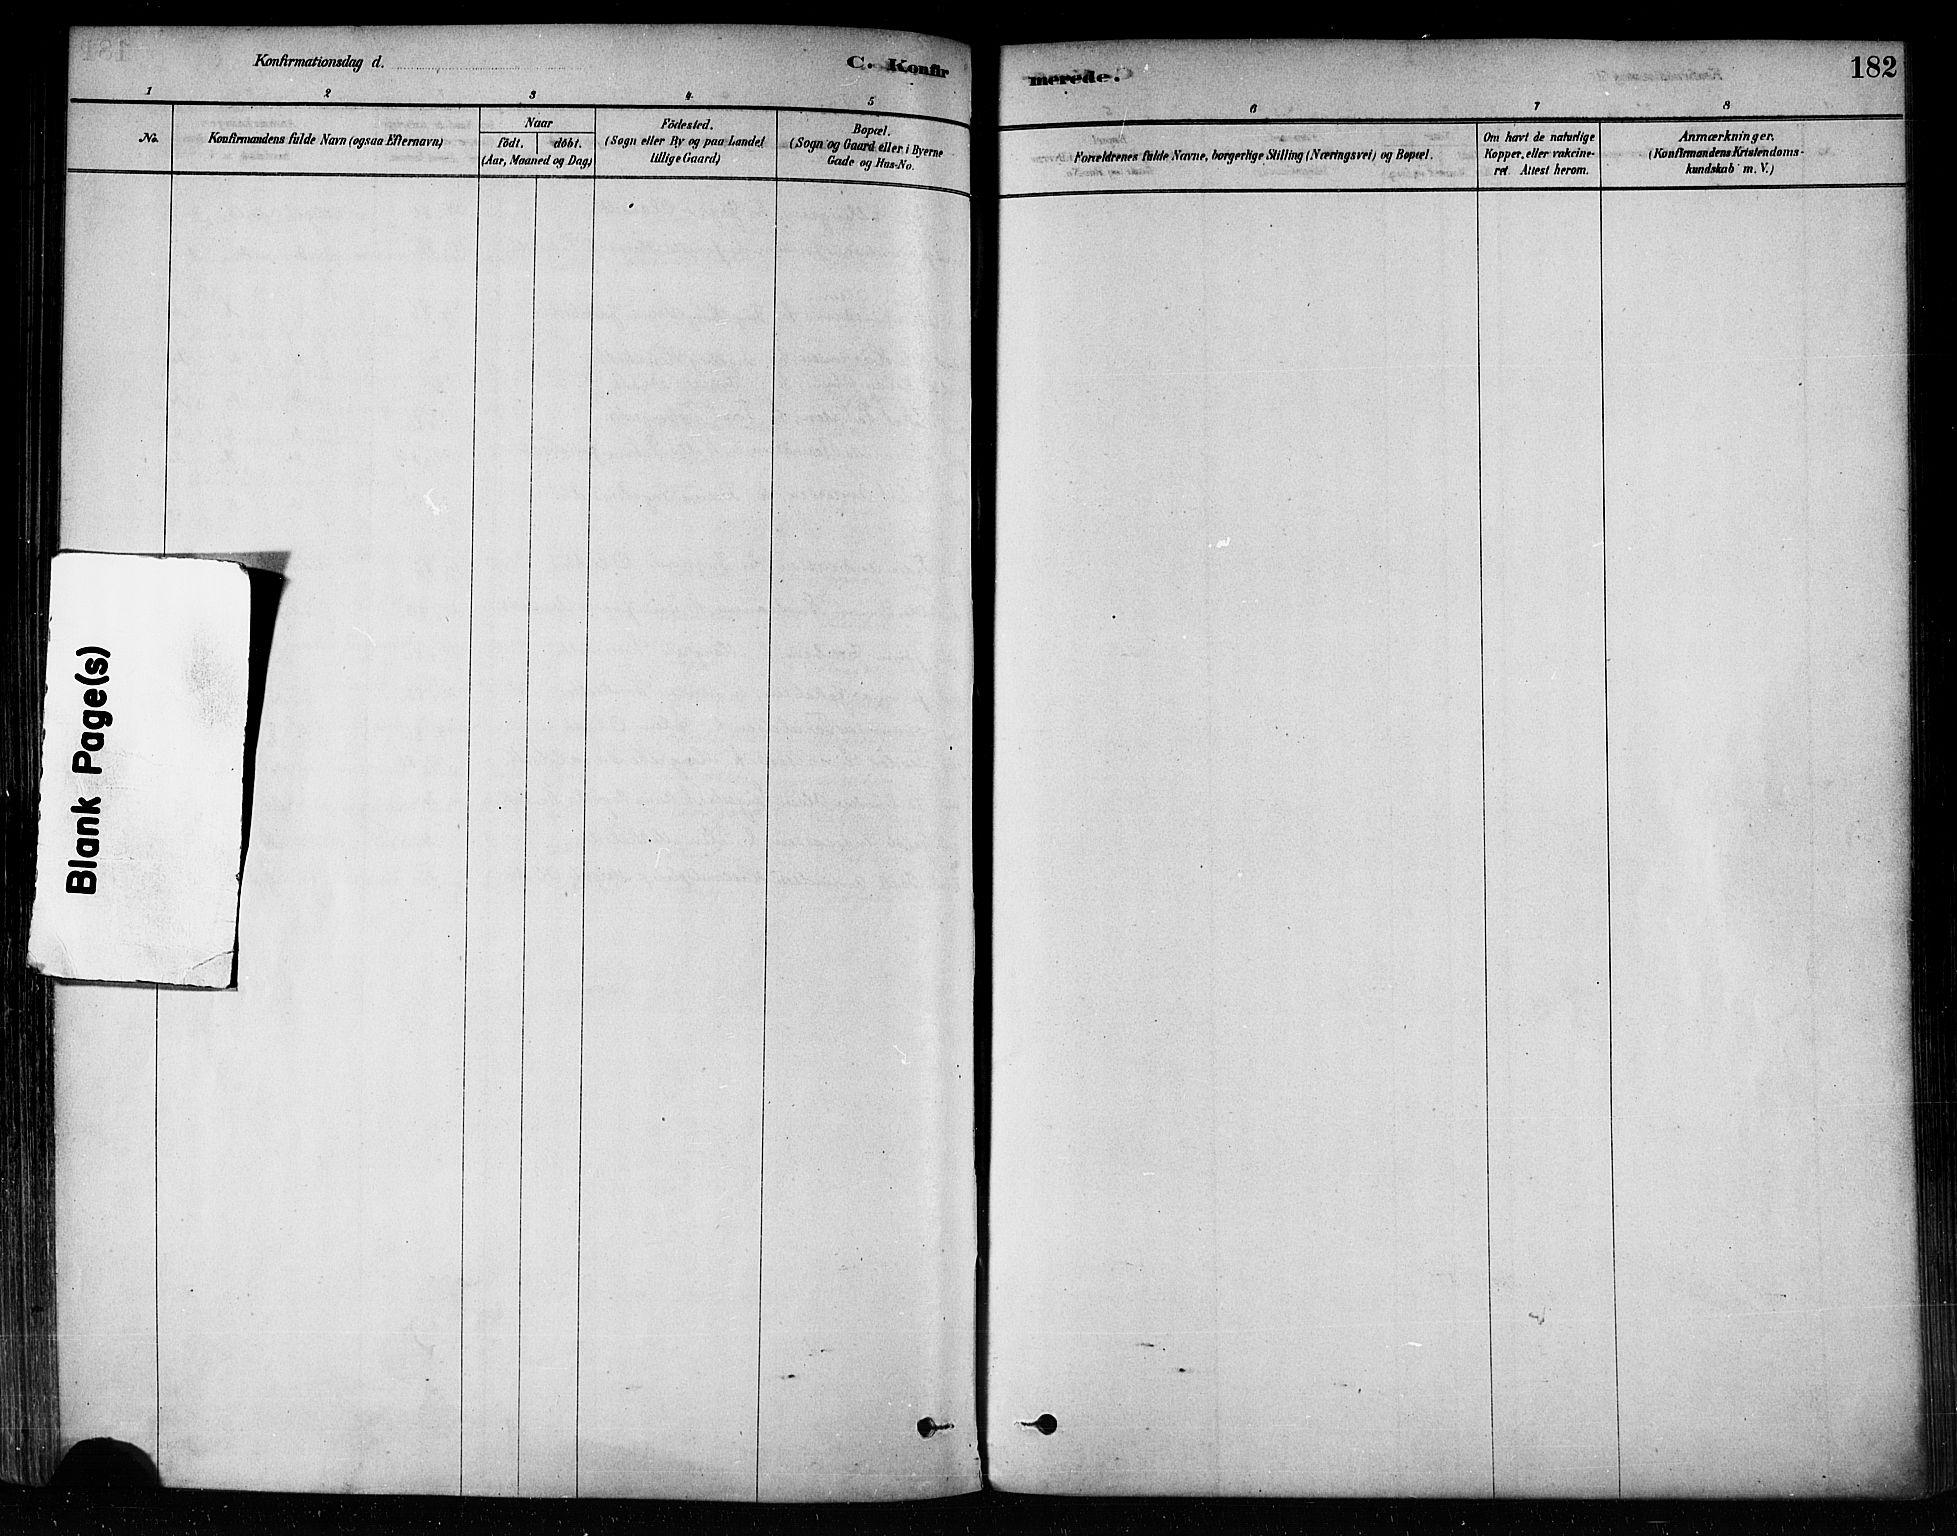 SAT, Ministerialprotokoller, klokkerbøker og fødselsregistre - Nord-Trøndelag, 746/L0449: Ministerialbok nr. 746A07 /2, 1878-1899, s. 182